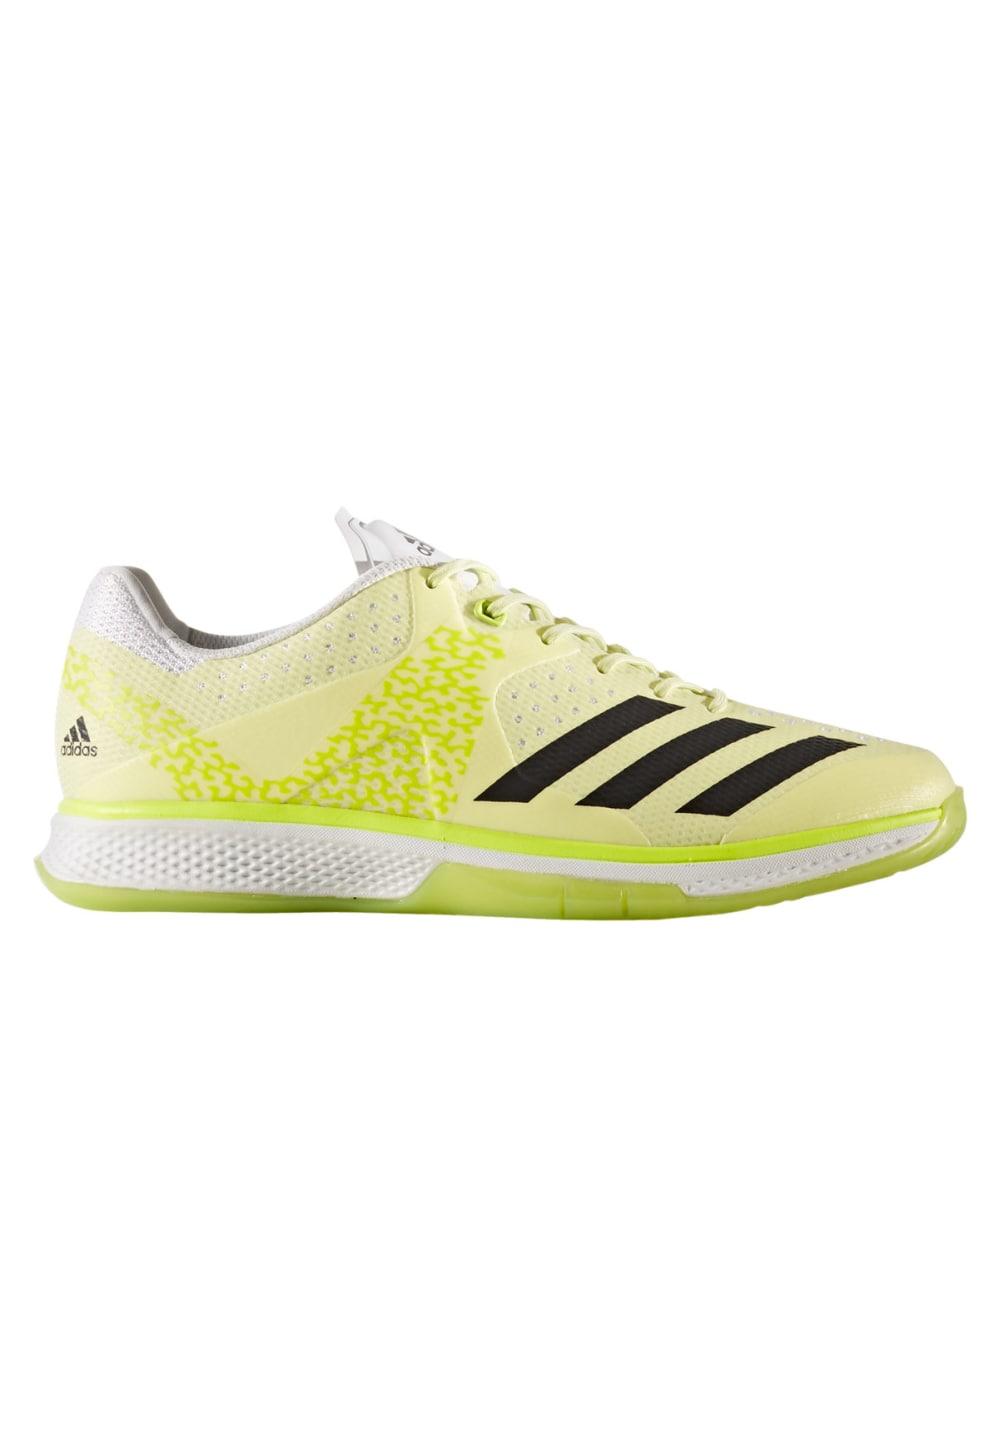 adidas Counterblast - Handballschuhe für Damen - Gelb